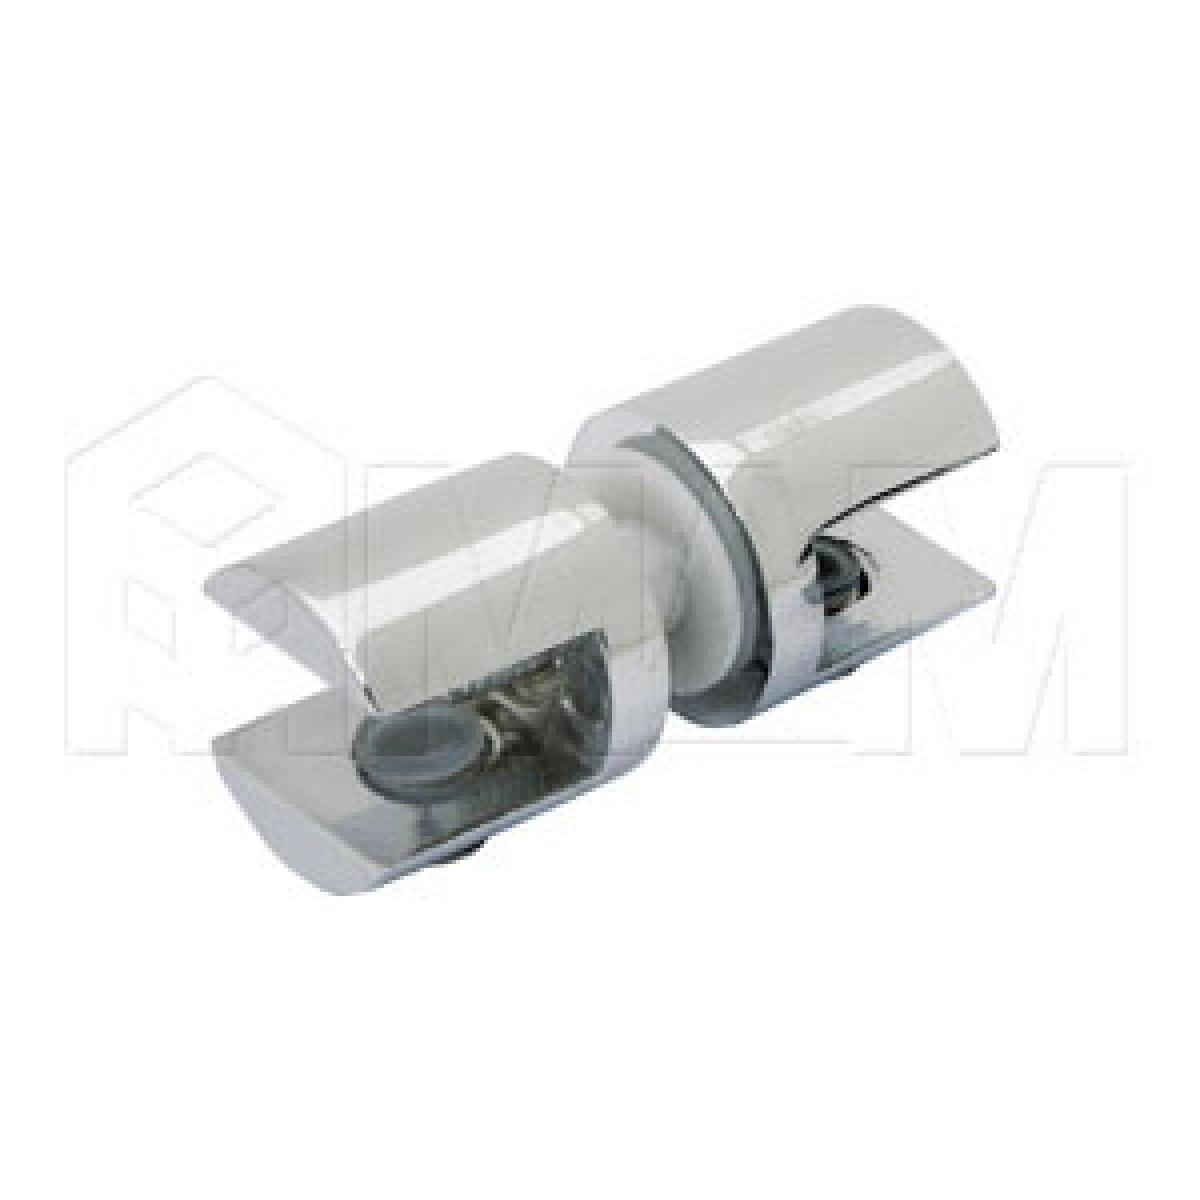 Полкодержатели - Полкодержатель для стекла 8-10 мм двухсторонний, хром